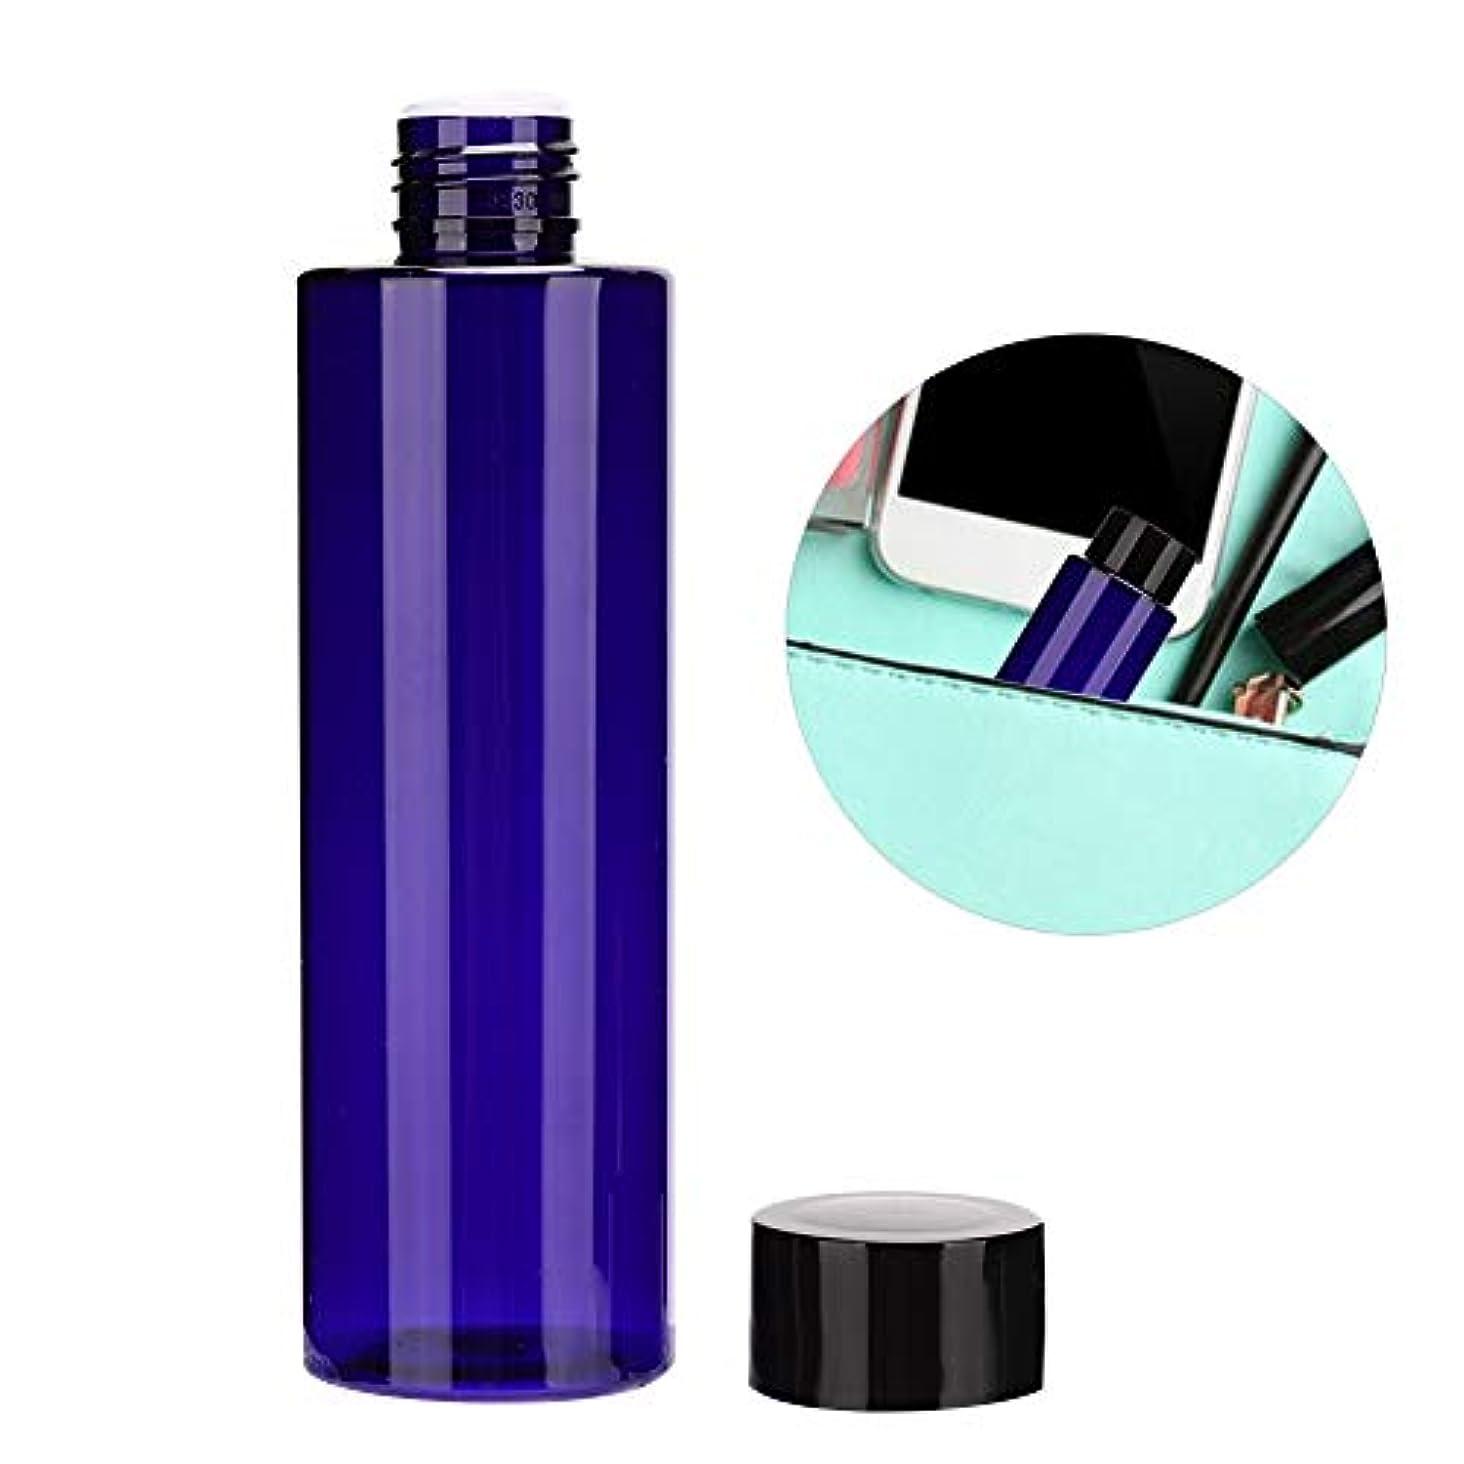 チョーク看板自慢200ML PET 詰め替え 可能な空 液体ボトルローション スキンケア 製品 空の化粧品 トナーコンテナボトル